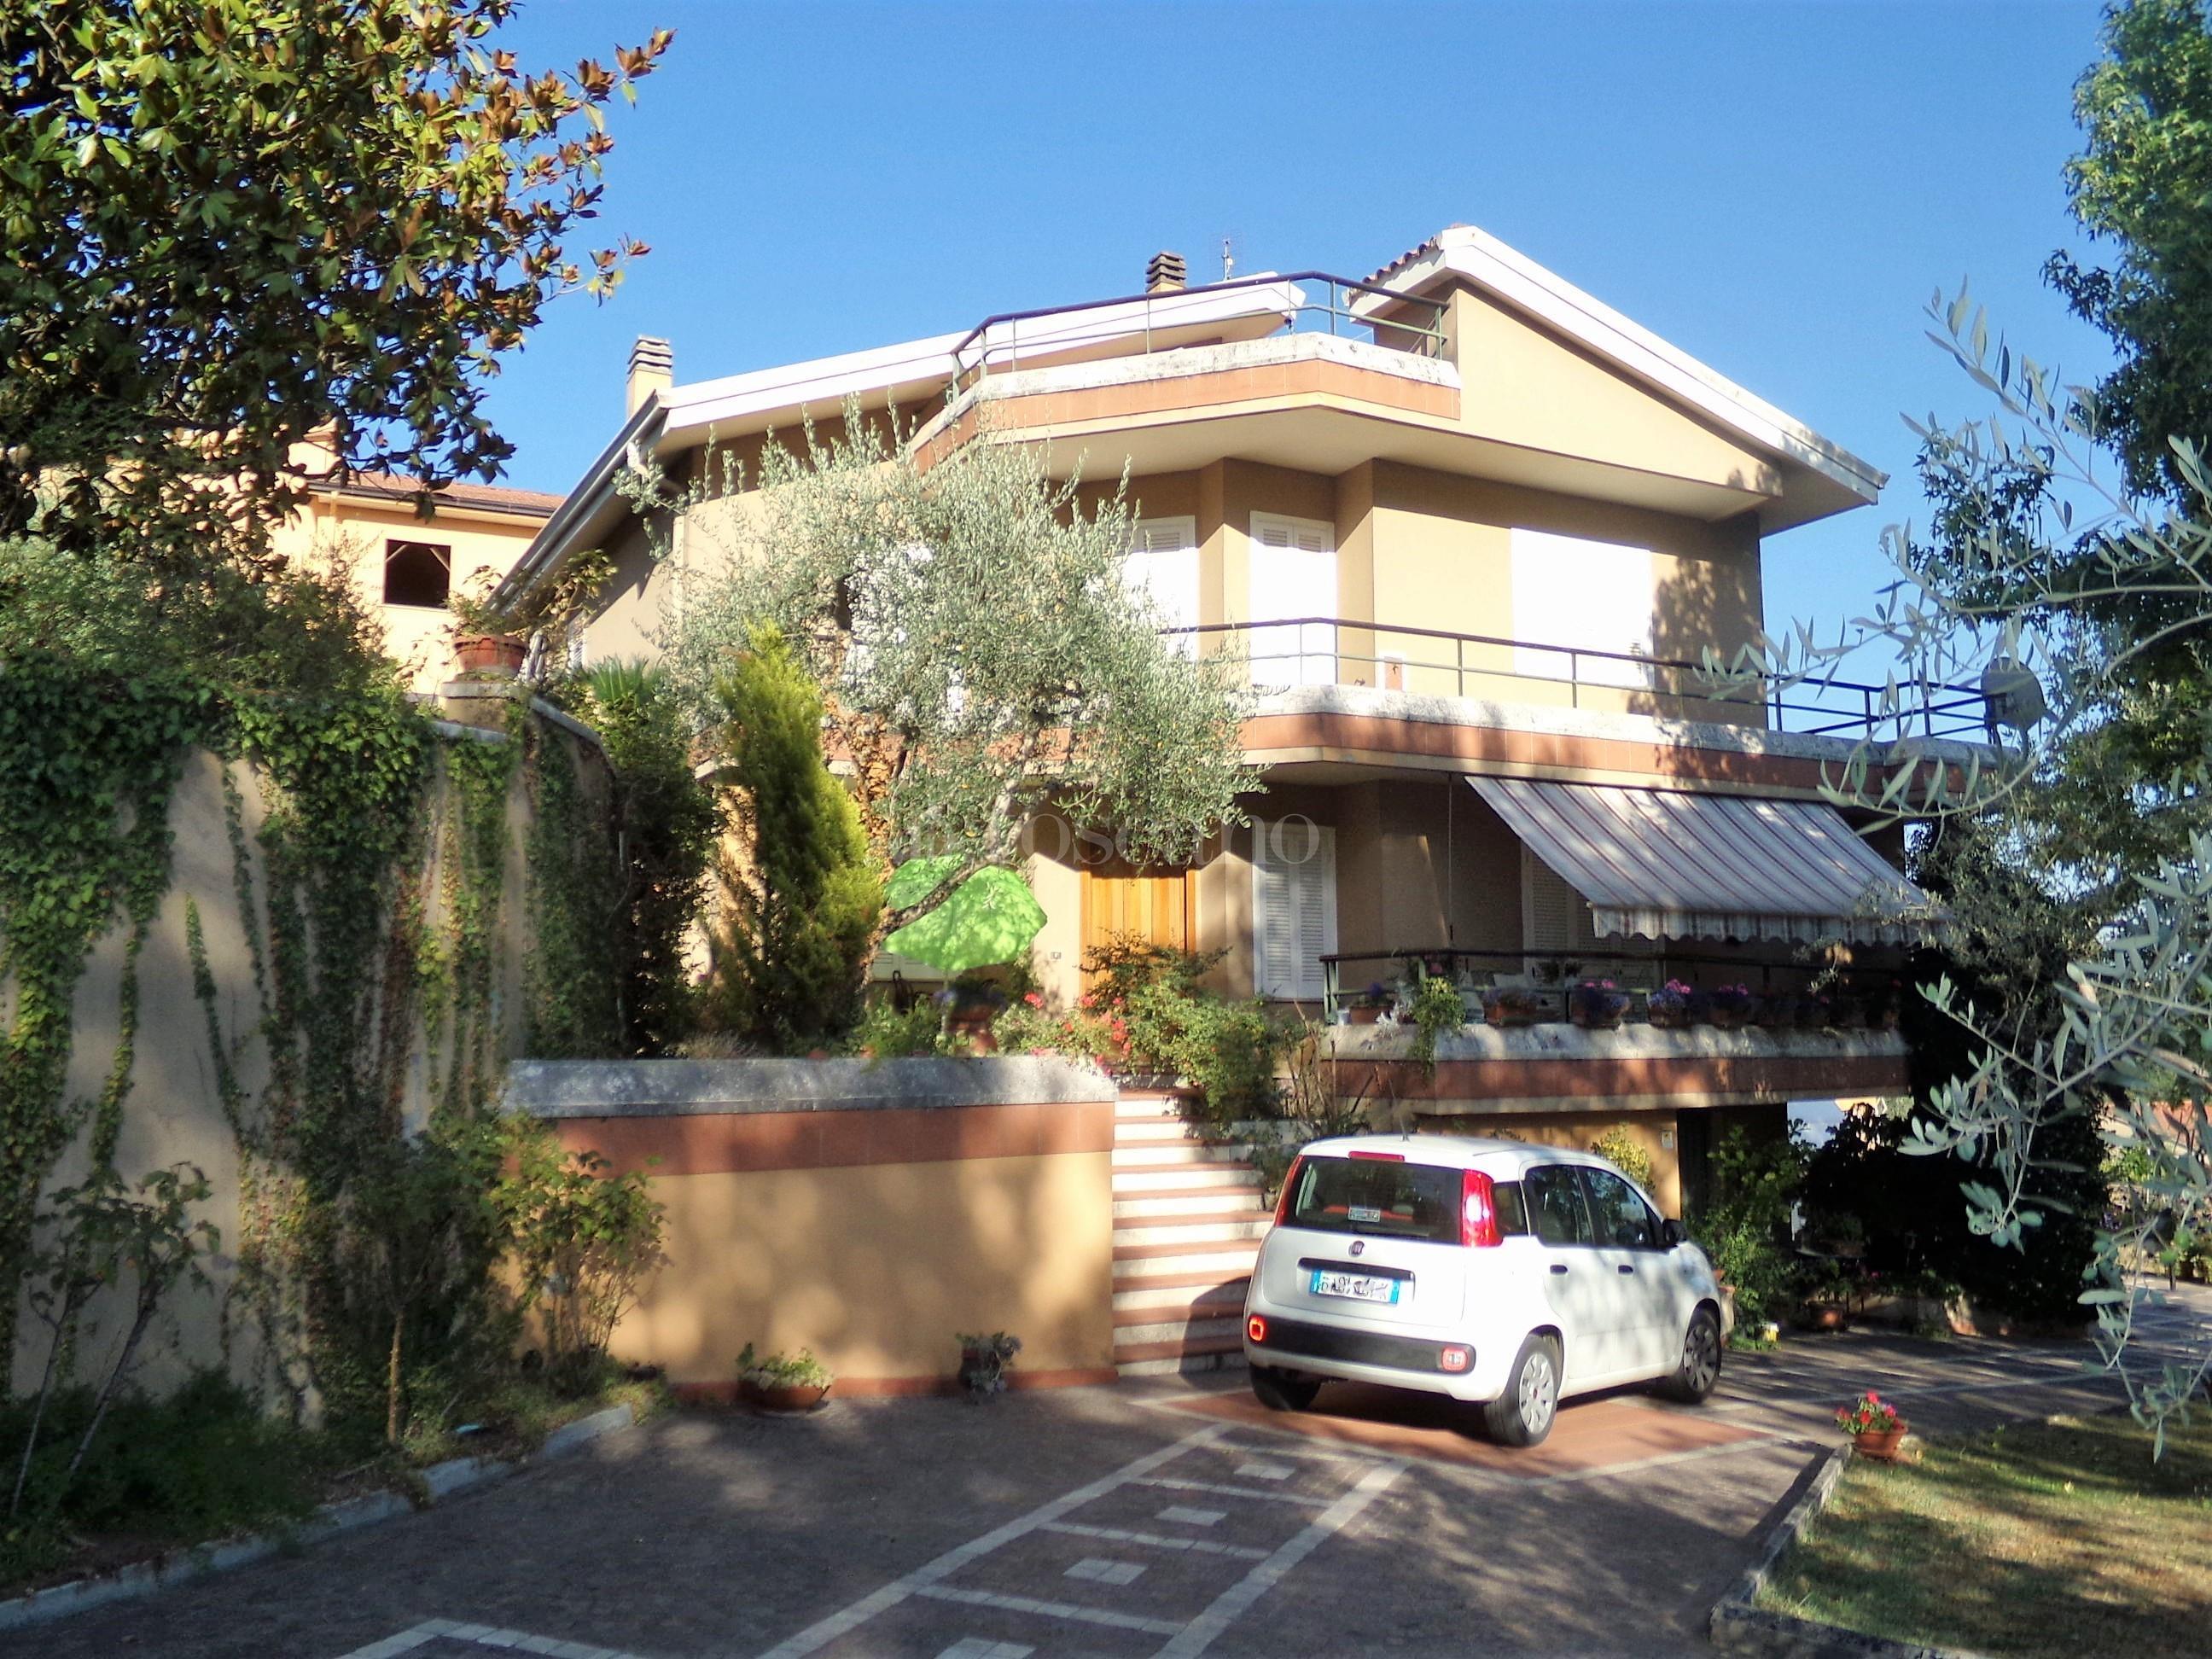 Villa in affitto a Frosinone in Zona Maniano